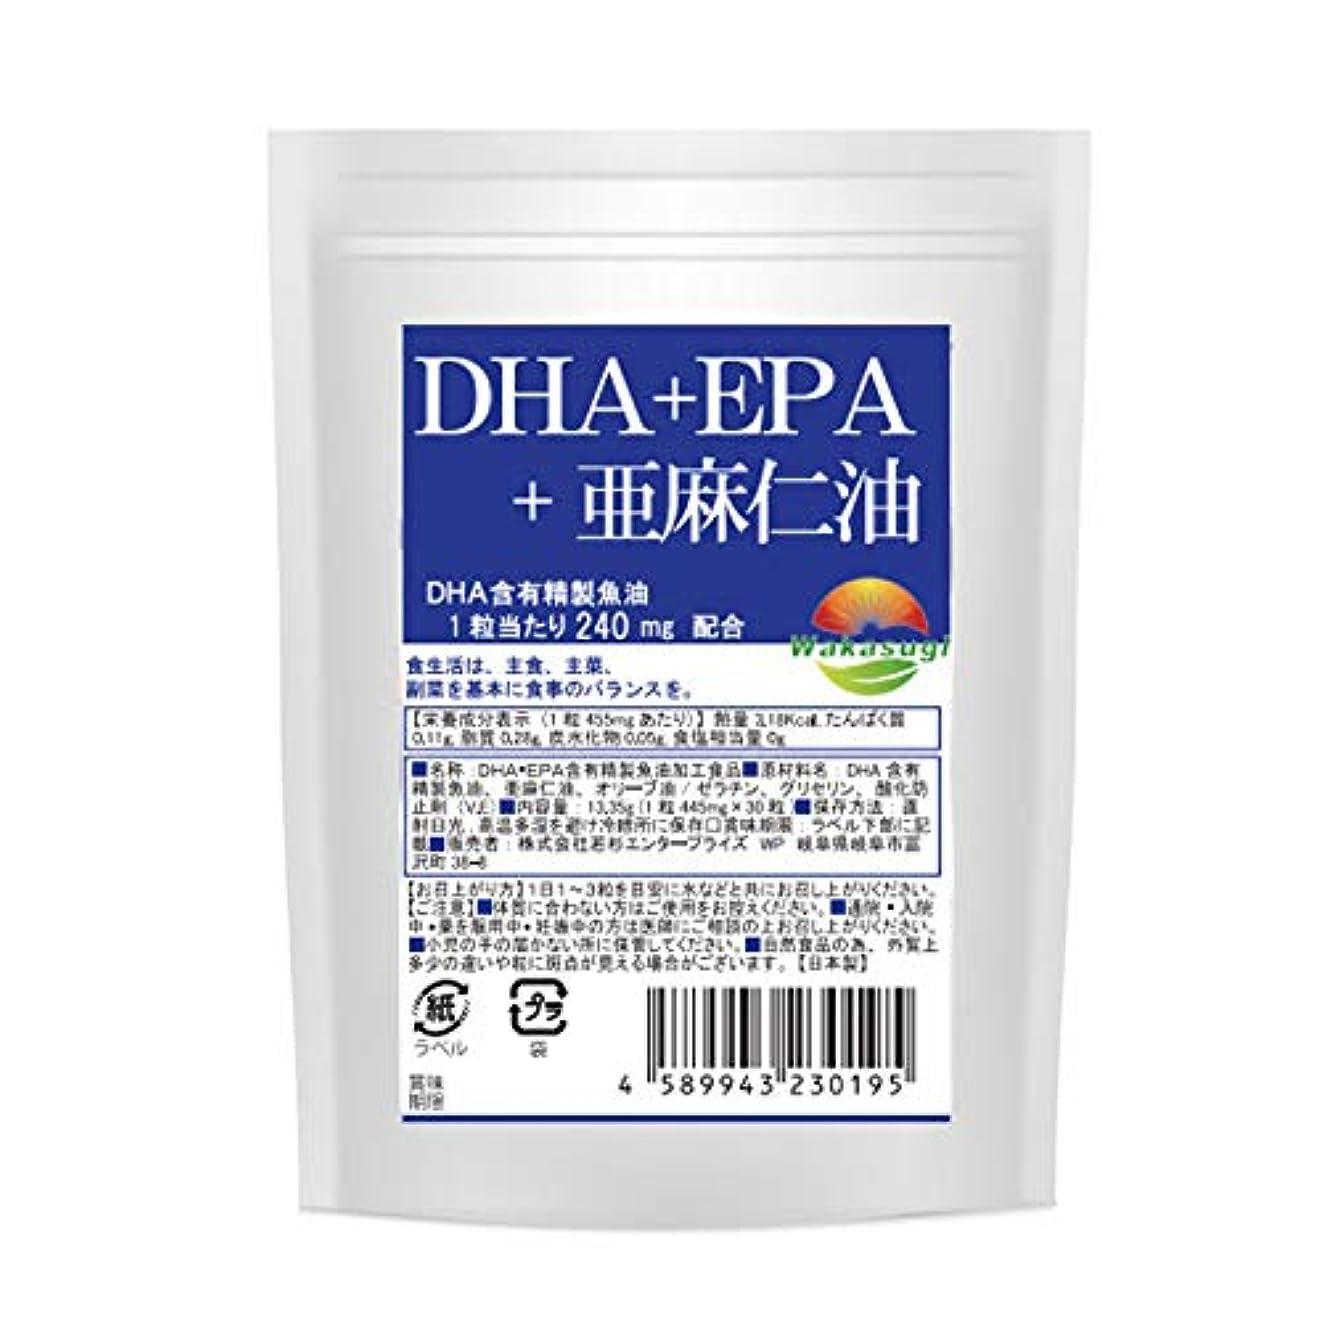 バース収縮カッター【BigSize】DHA+EPA+亜麻仁油 生カプセル 大容量180粒